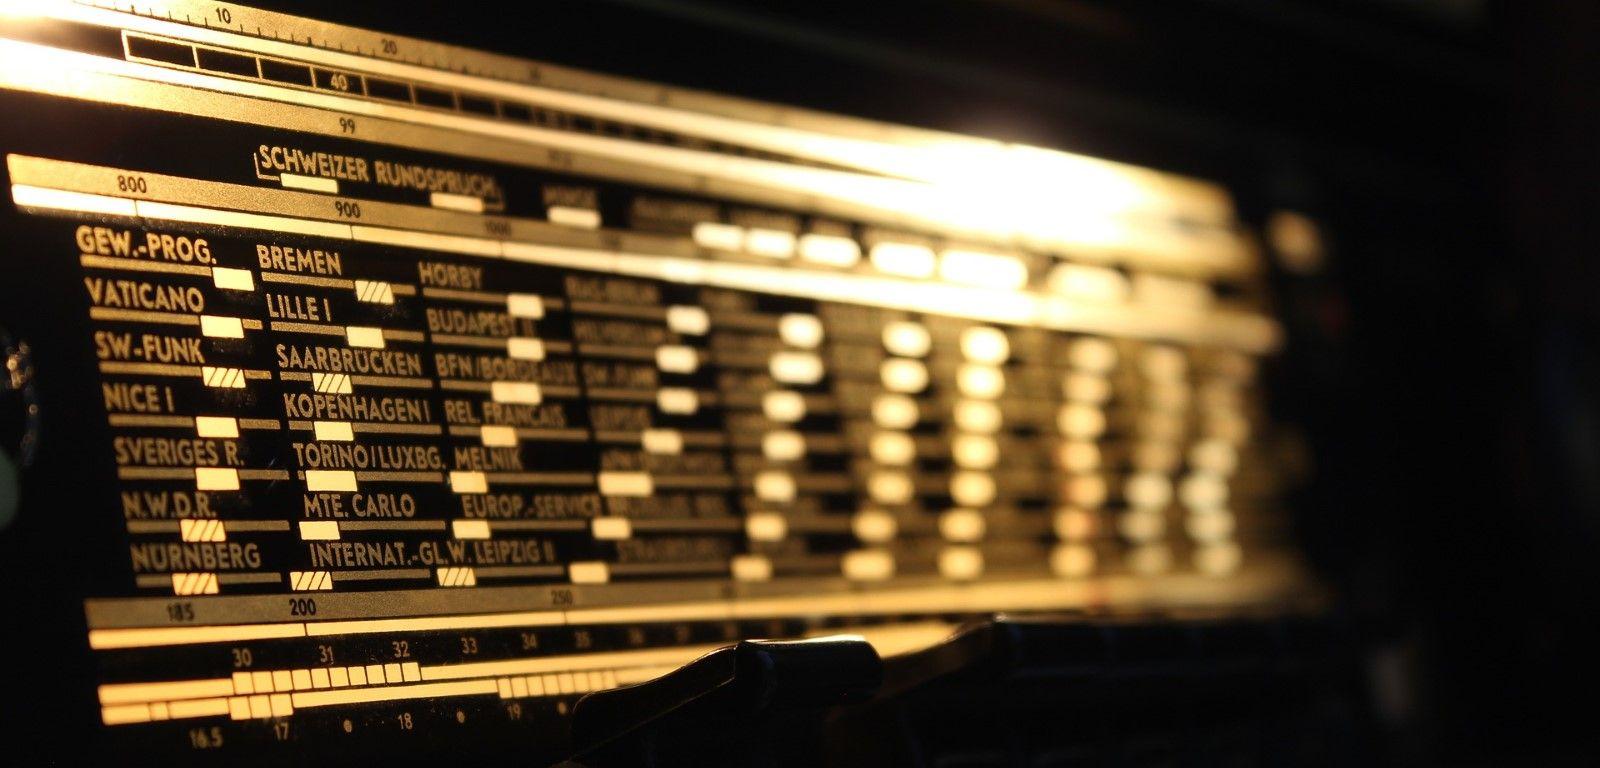 homepage-radio-255746.jpg